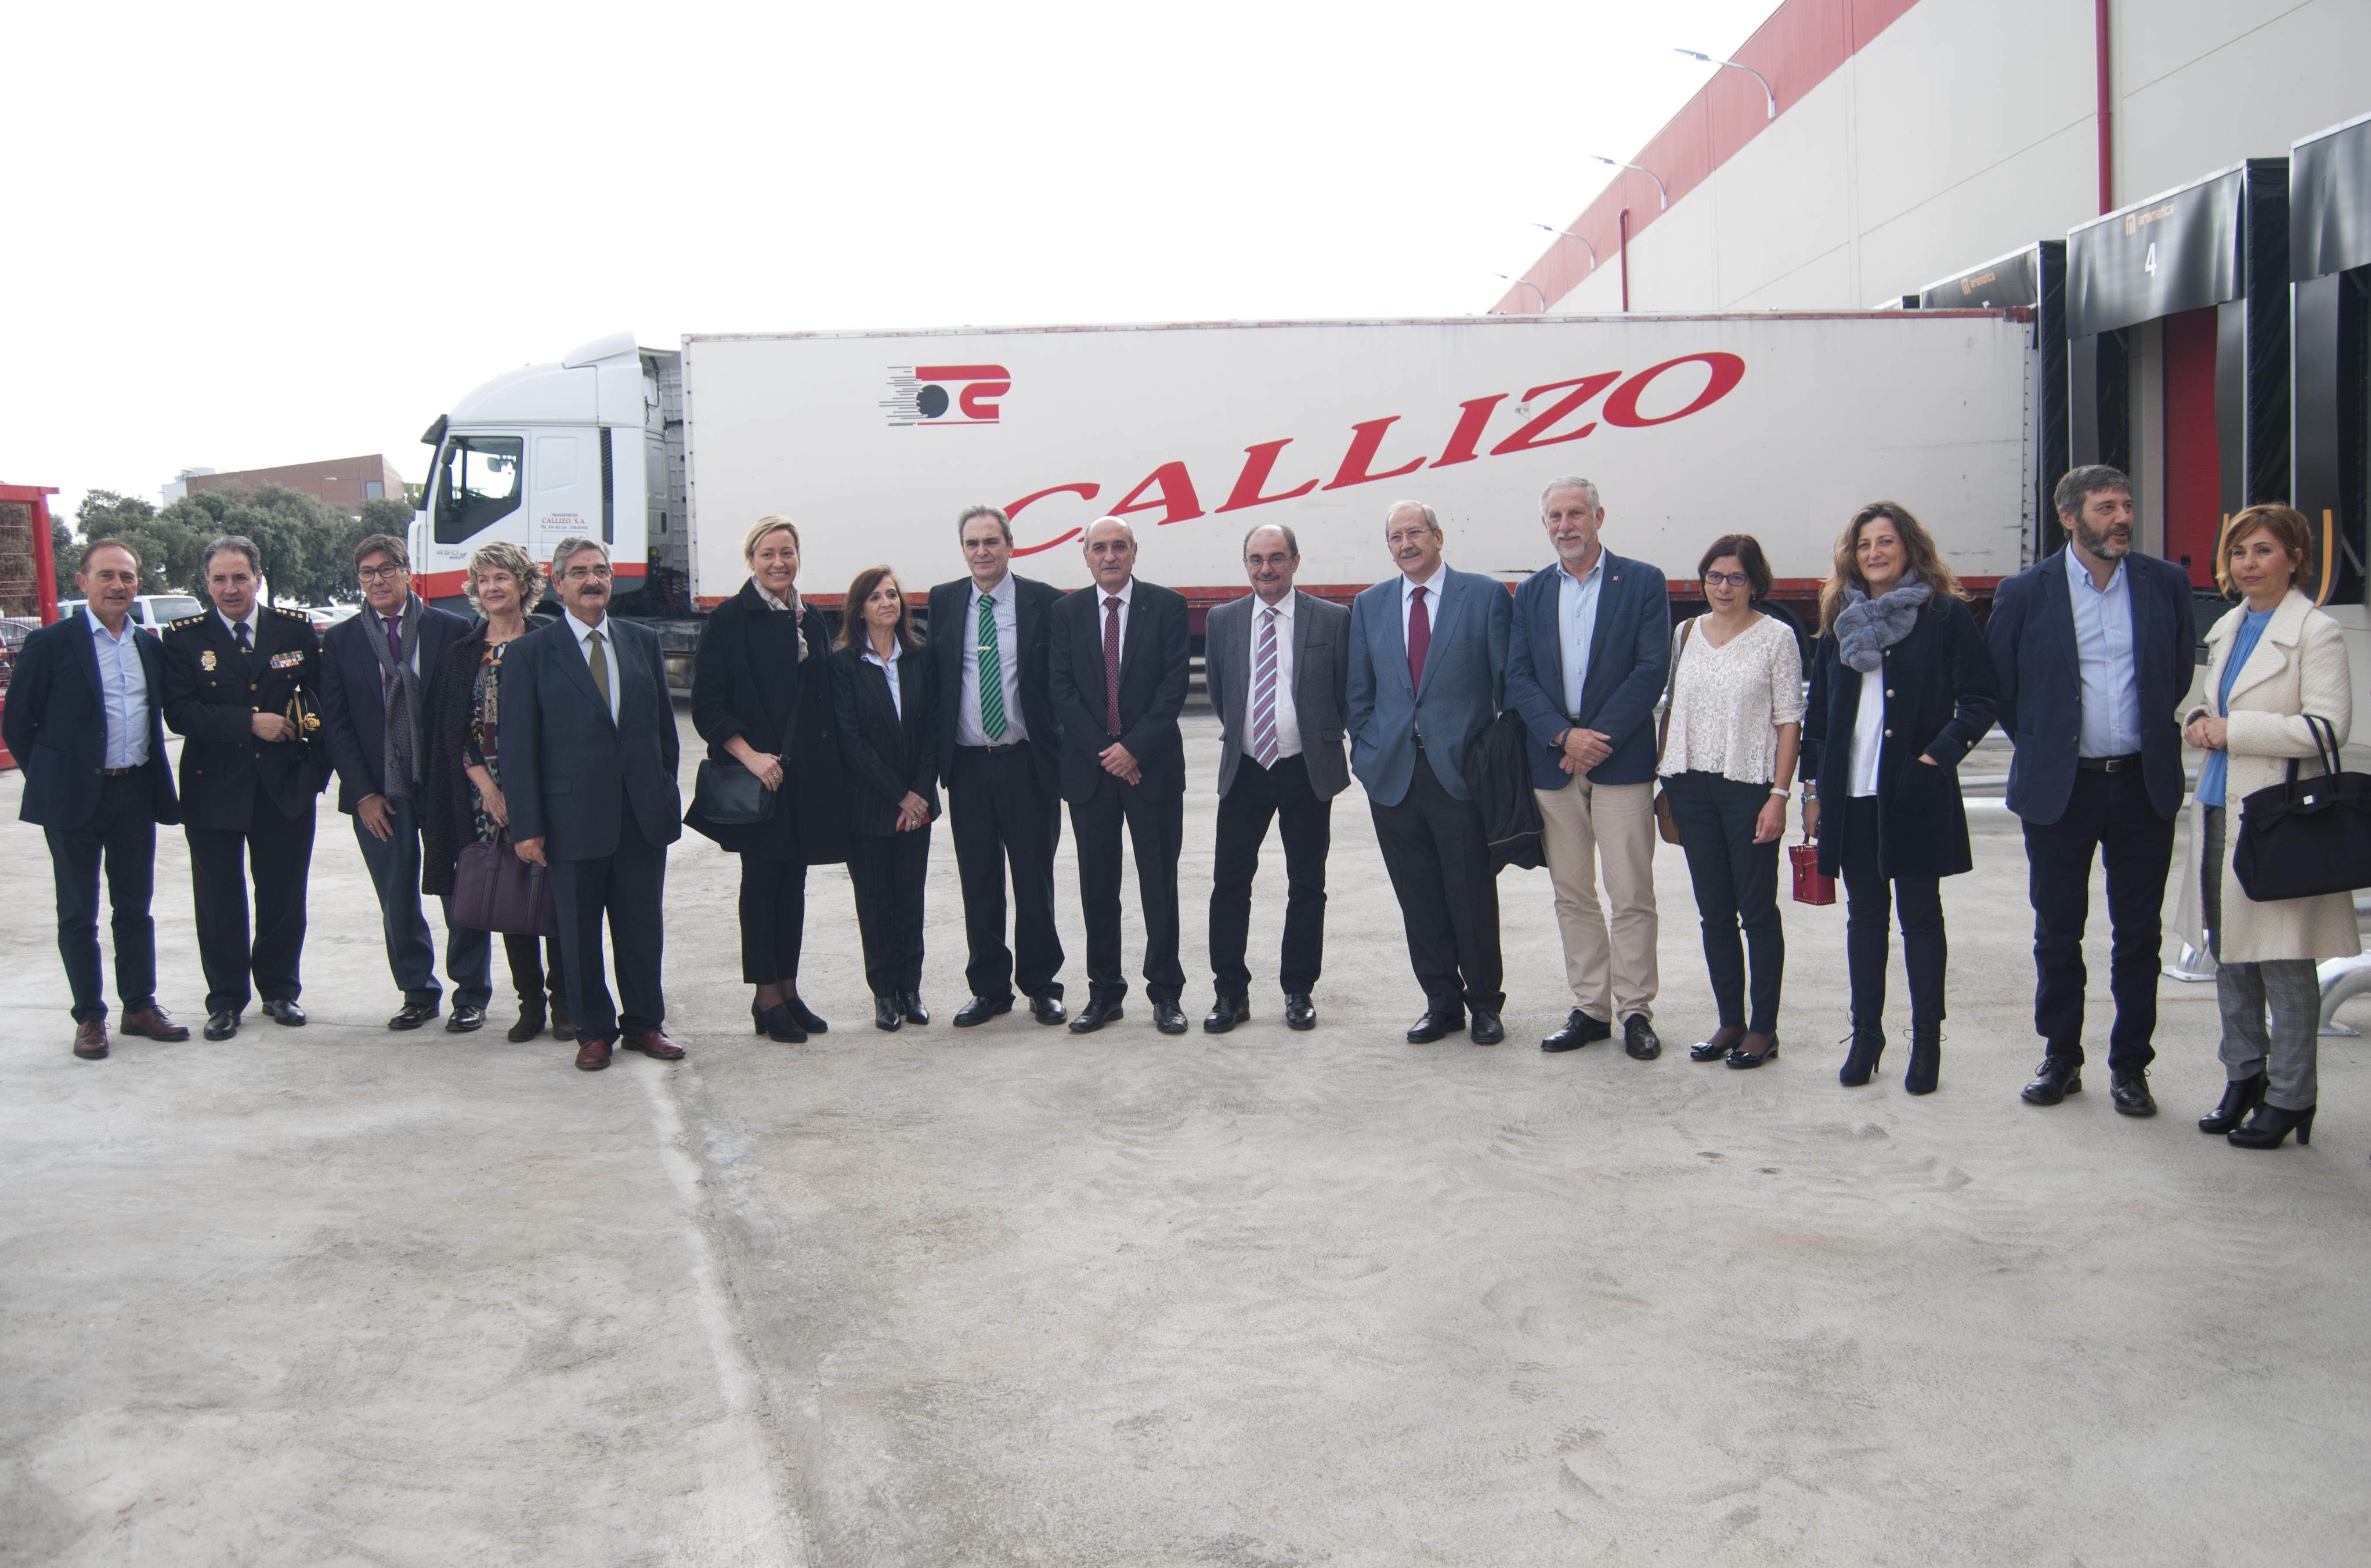 Inauguradas nuestras nuevas instalaciones en Plhus en un emotivo acto al que asistieron más de 200 personas